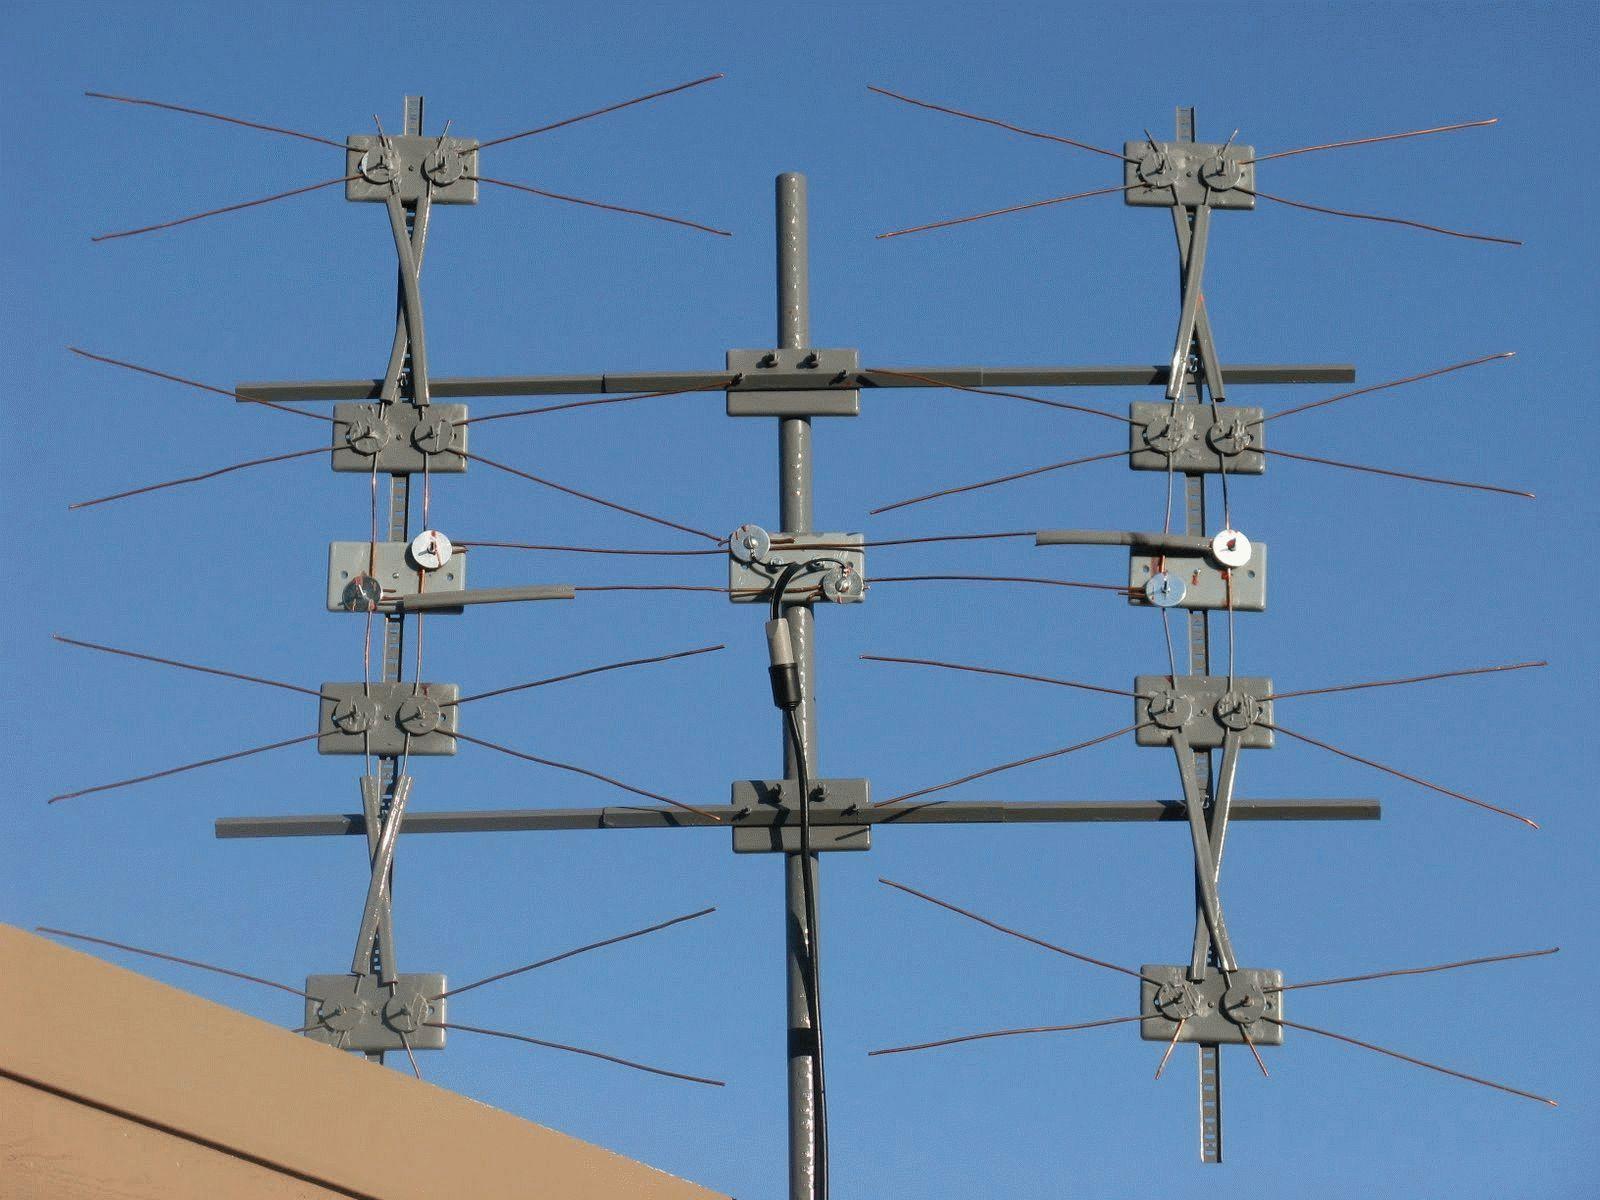 Как сделать антенну для телевизора своими руками: видео, фото 31